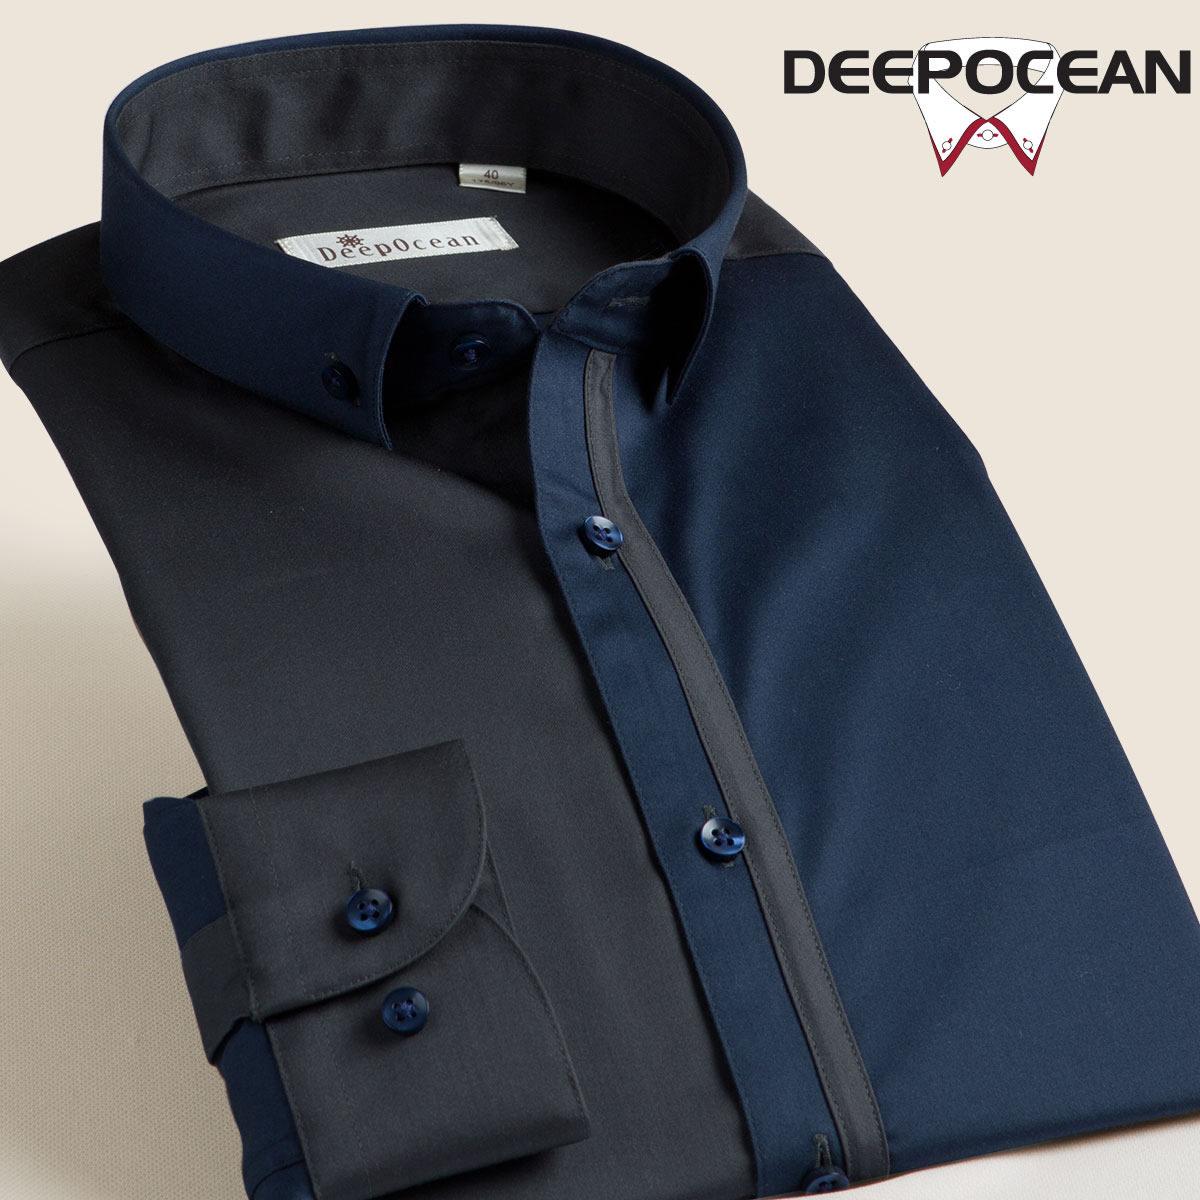 深海2017春季新款丝光棉拼接衬衣男士长袖衬衫韩版修身休闲免烫寸